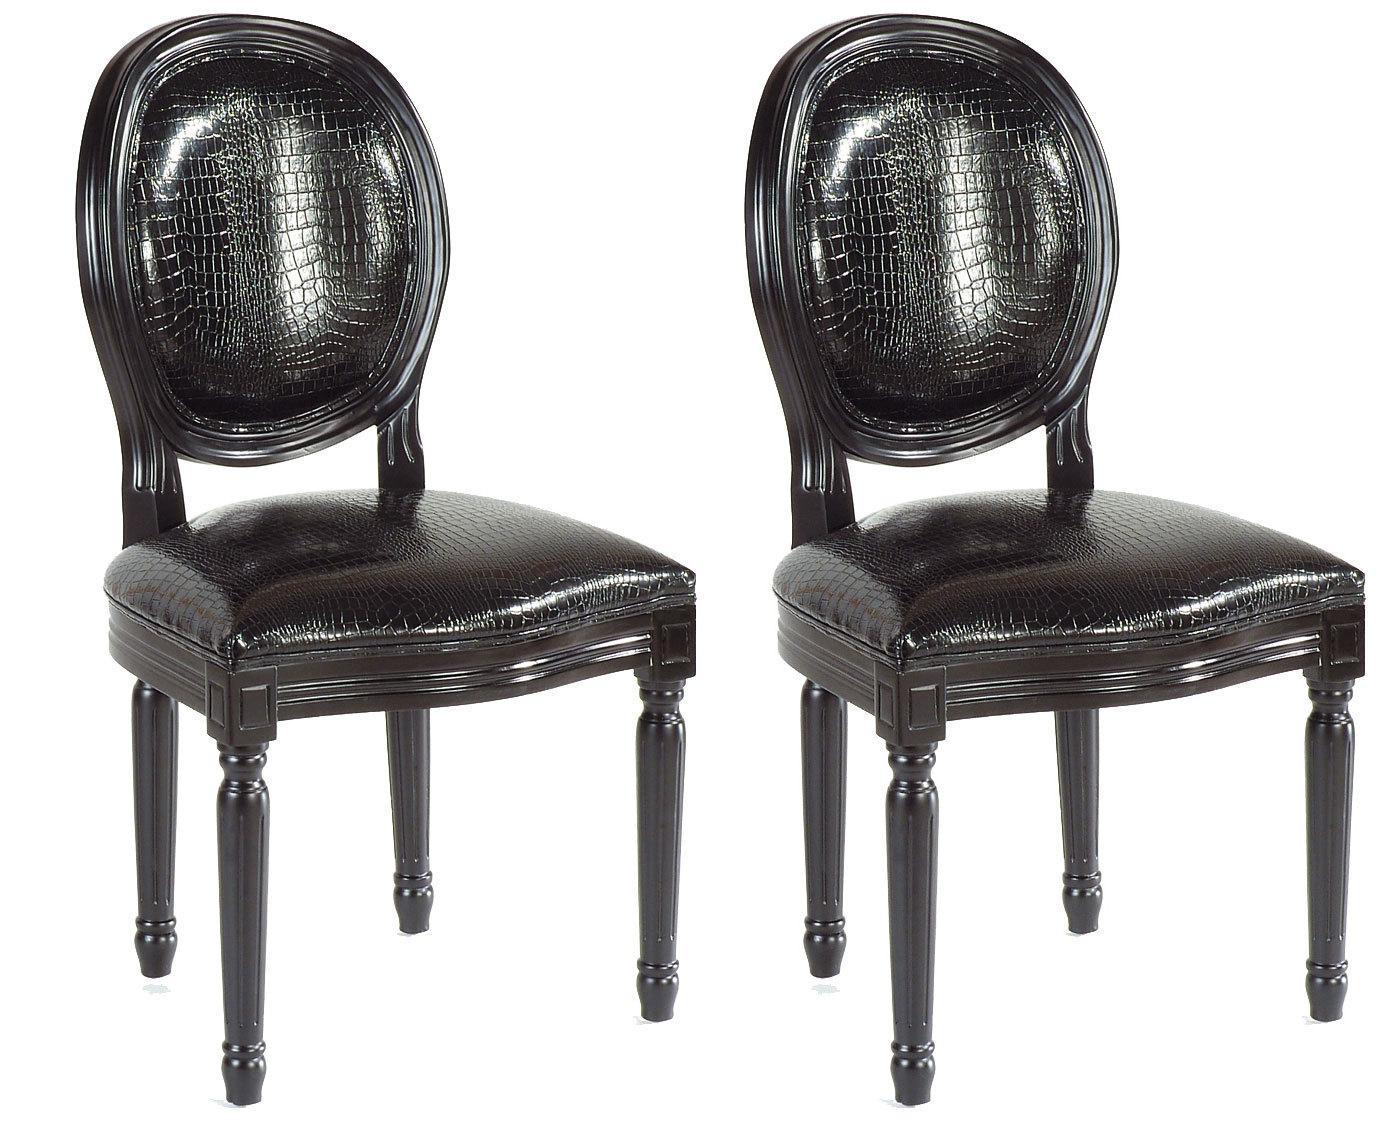 Gruppo Di 2 Sedie Da Cucina/ Sala Da Pranzo MEDAILLON Nere Miliboo #585250 1400 1129 Sedie Sala Da Pranzo Ikea